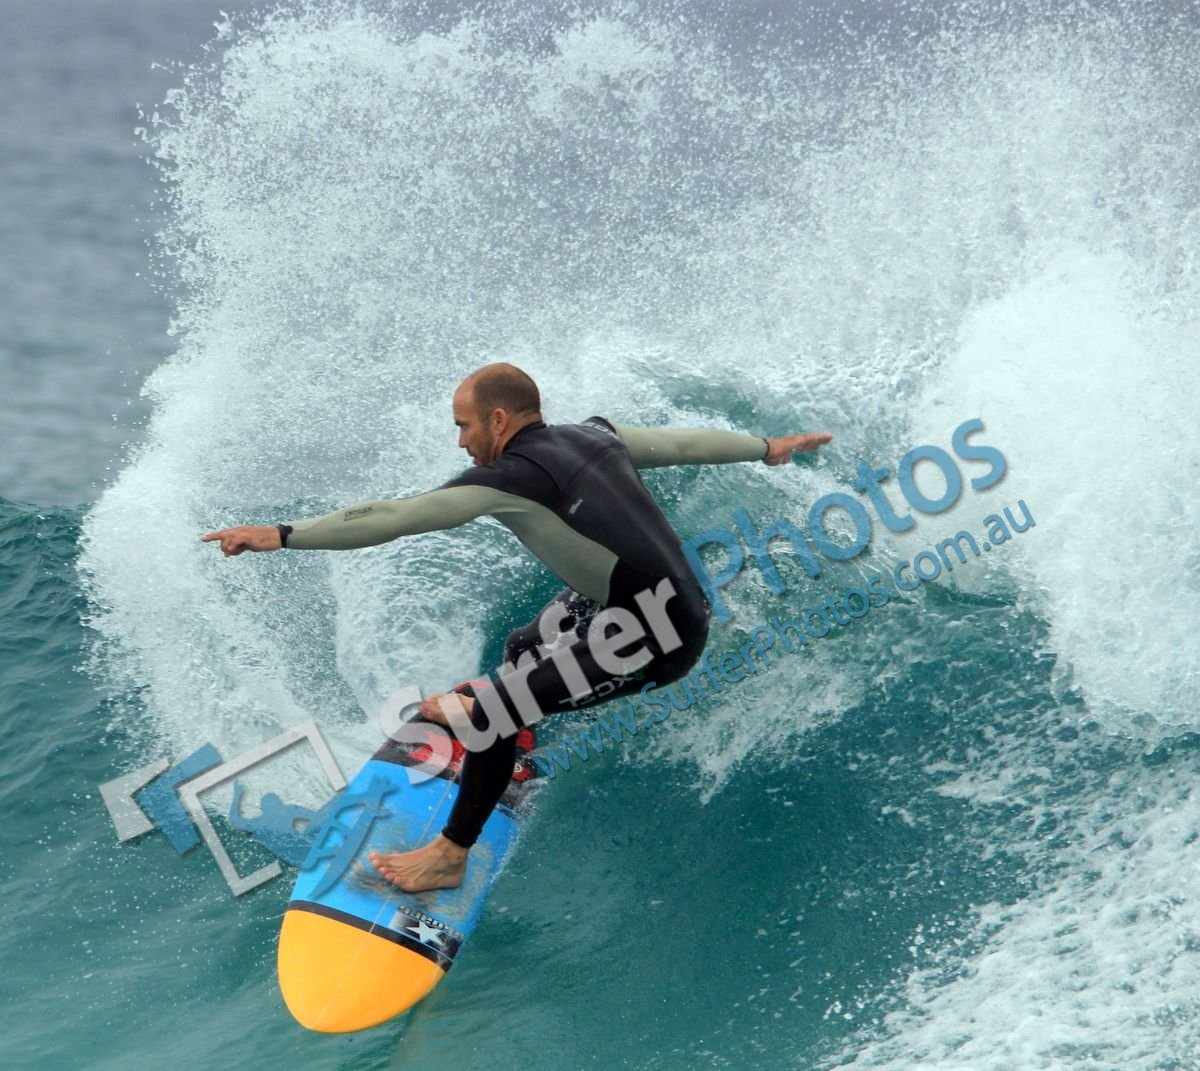 Snapper Rocks – 16 August 2014